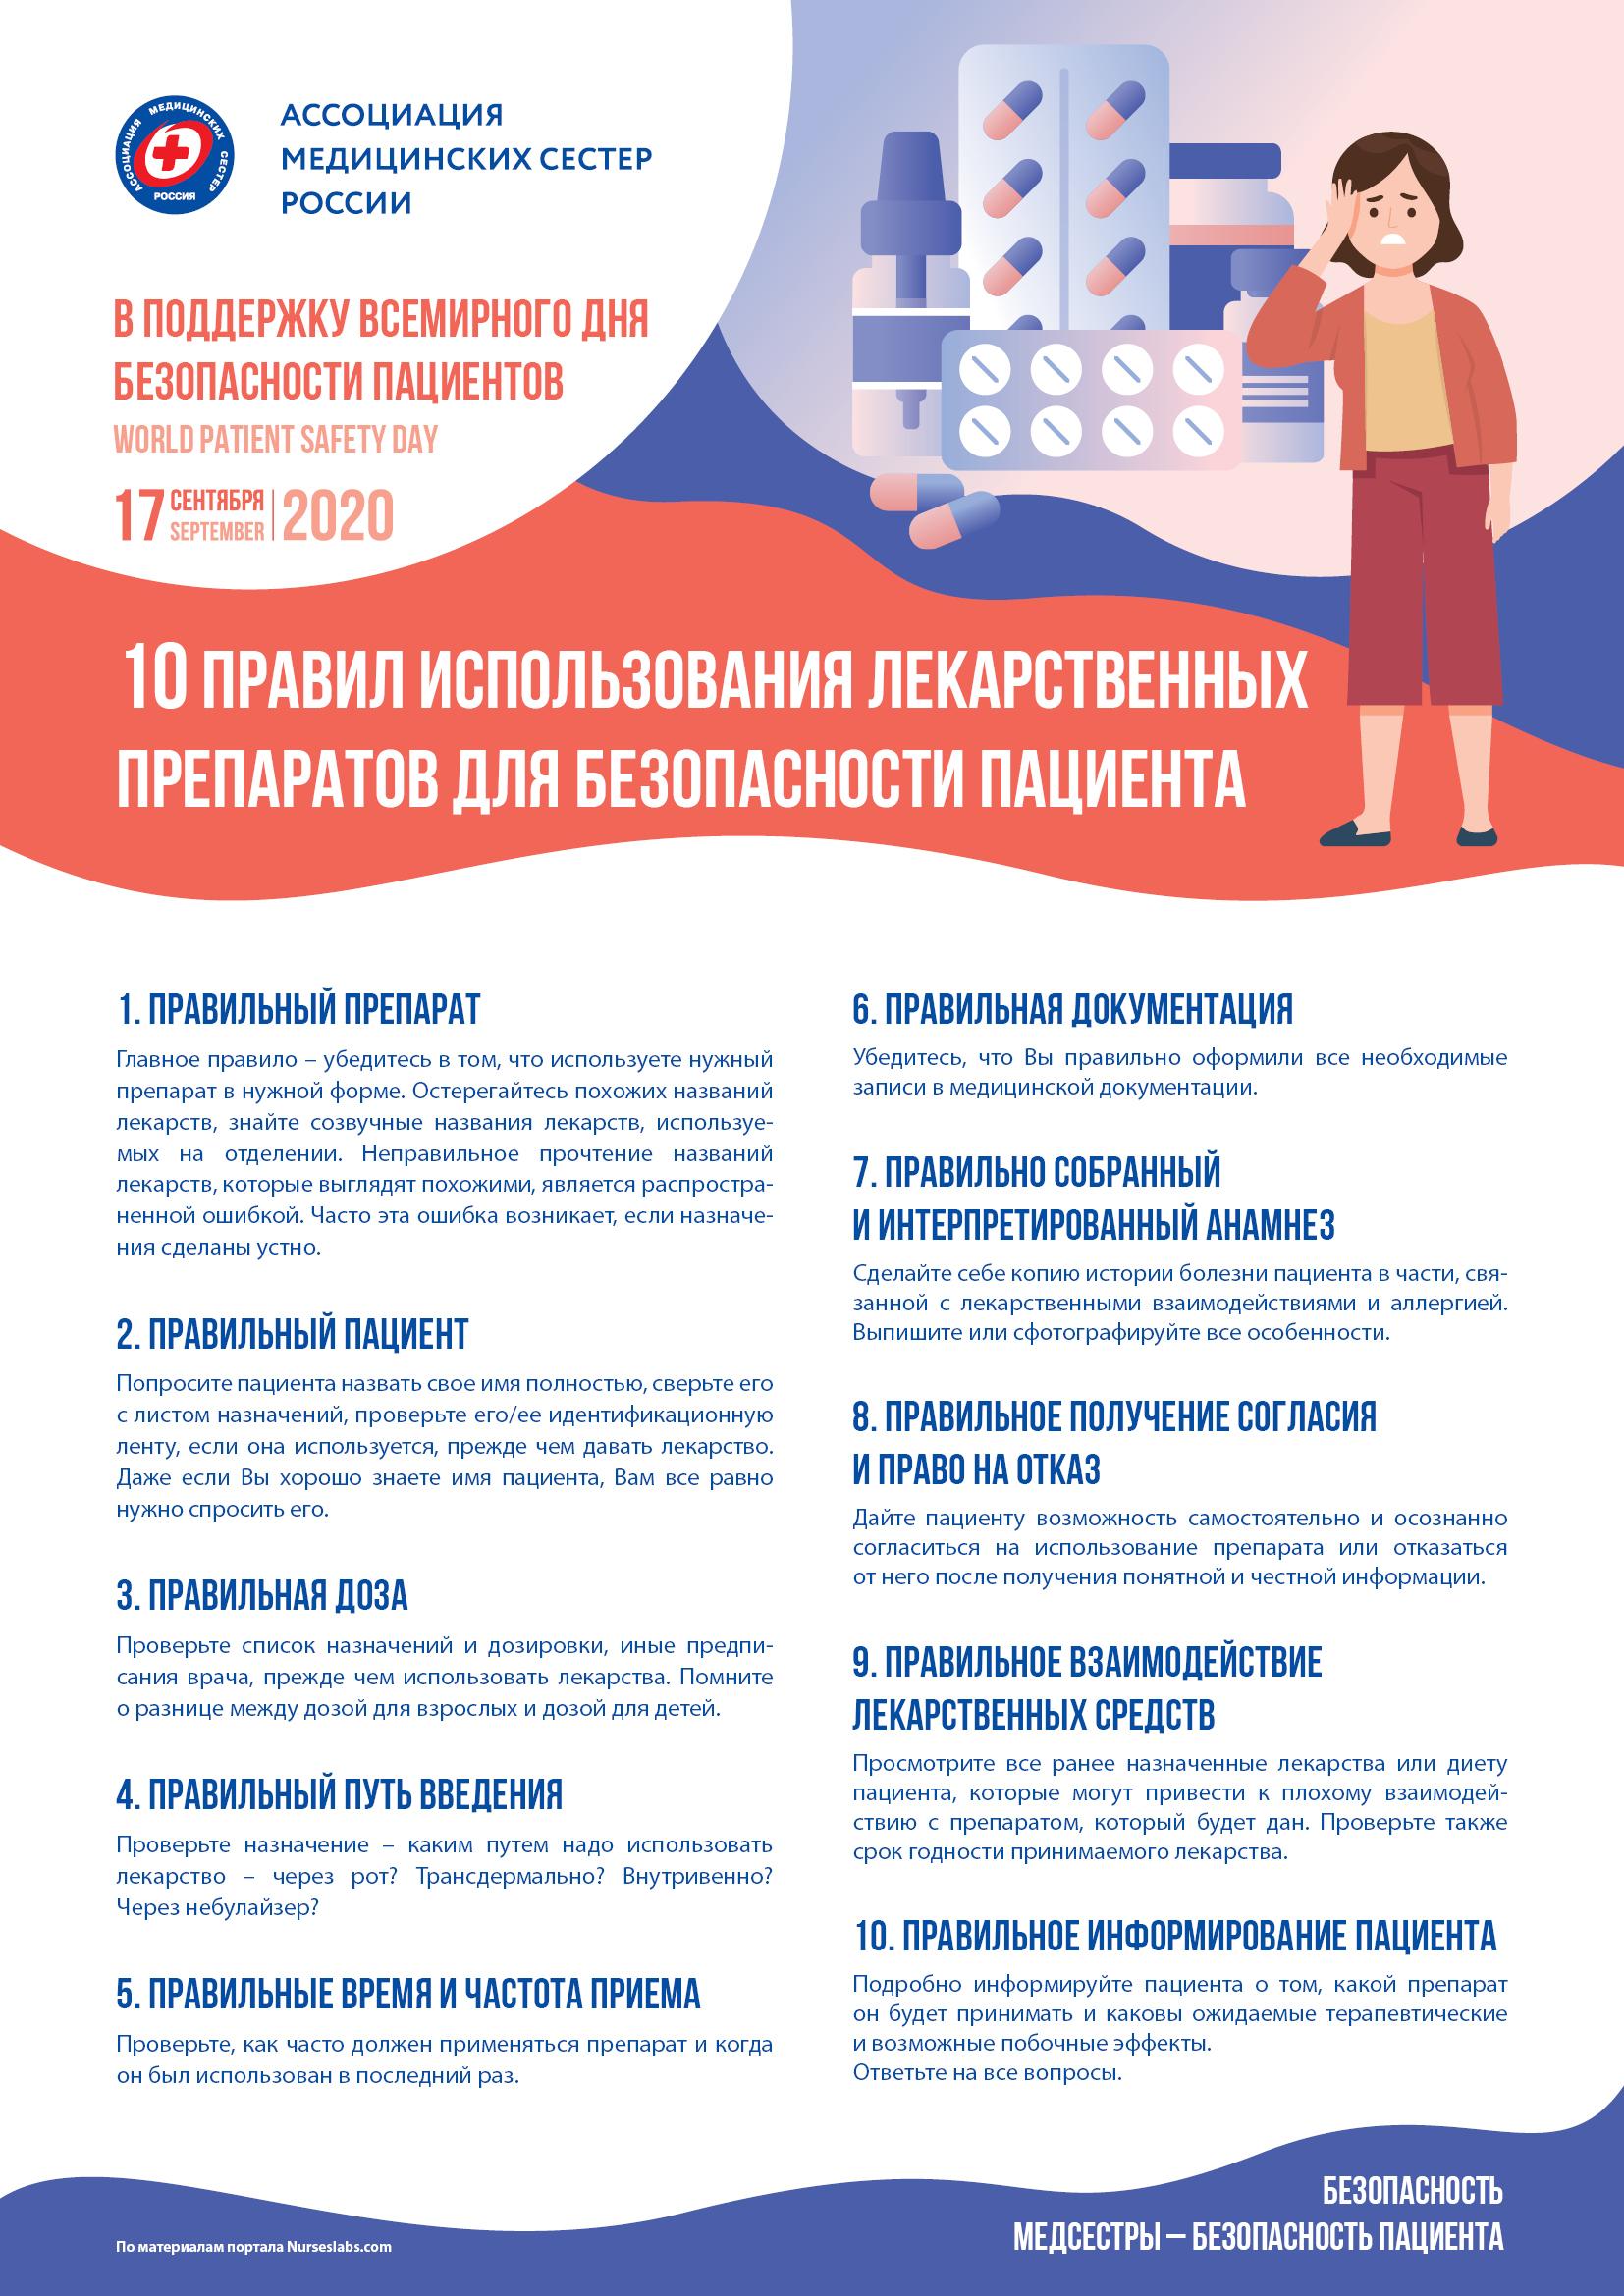 17 сентября - Всемирный день безопасности пациентов